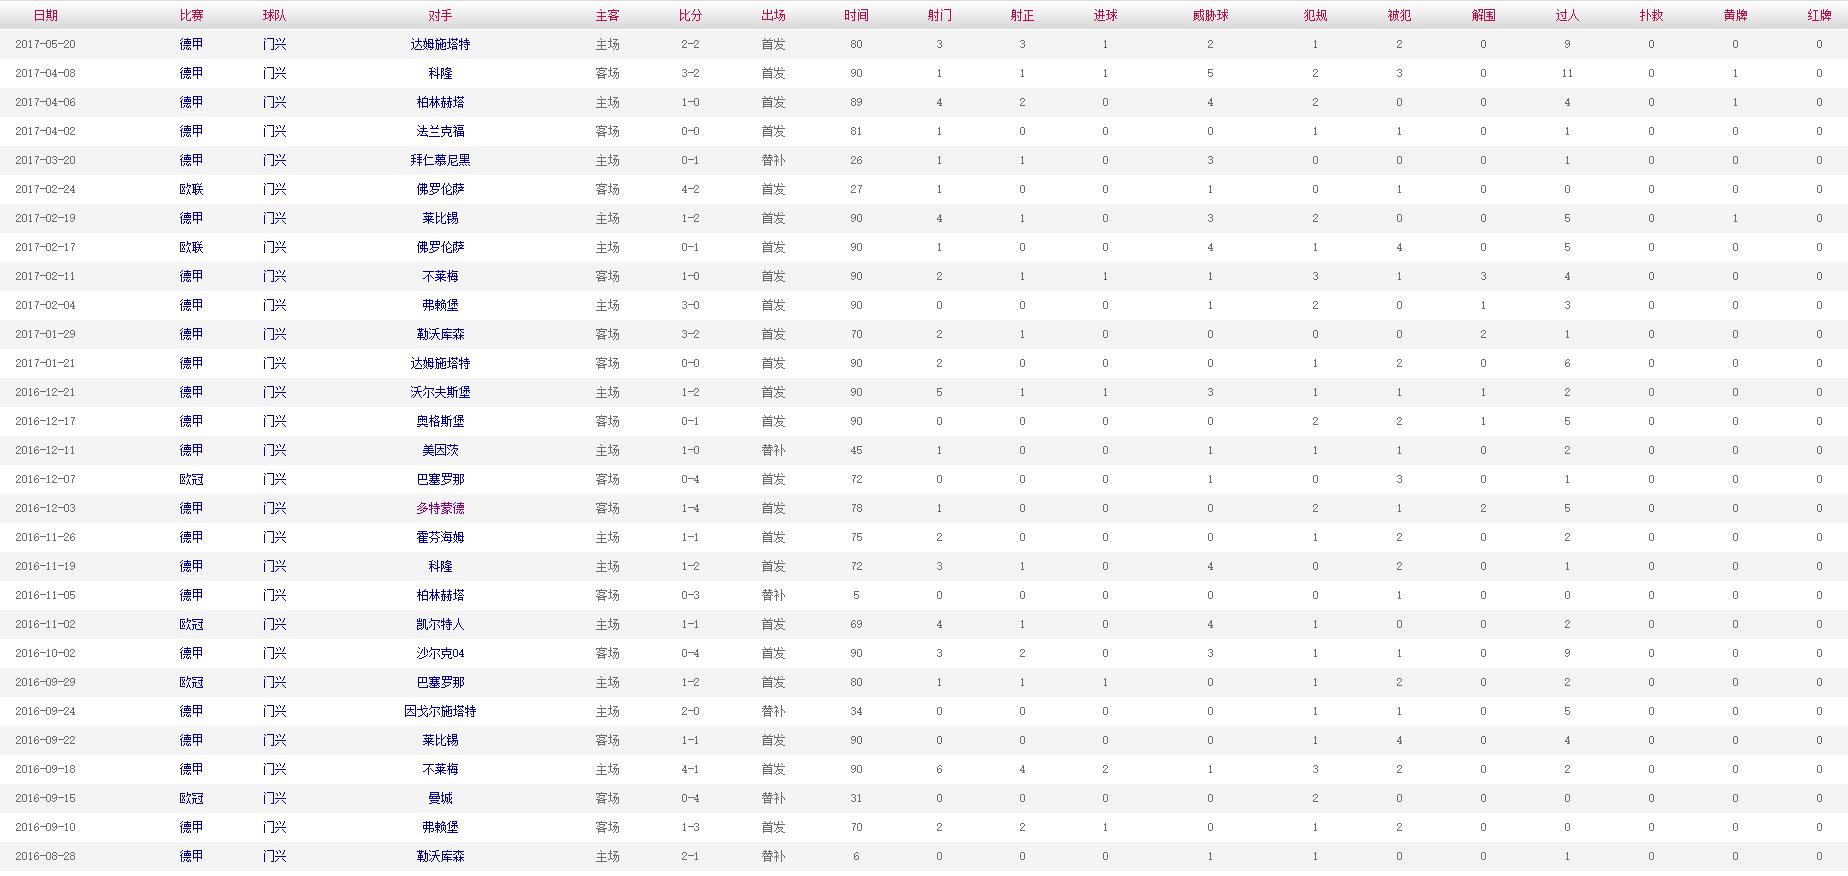 索尔根-阿扎尔 2016-2017赛季比赛数据